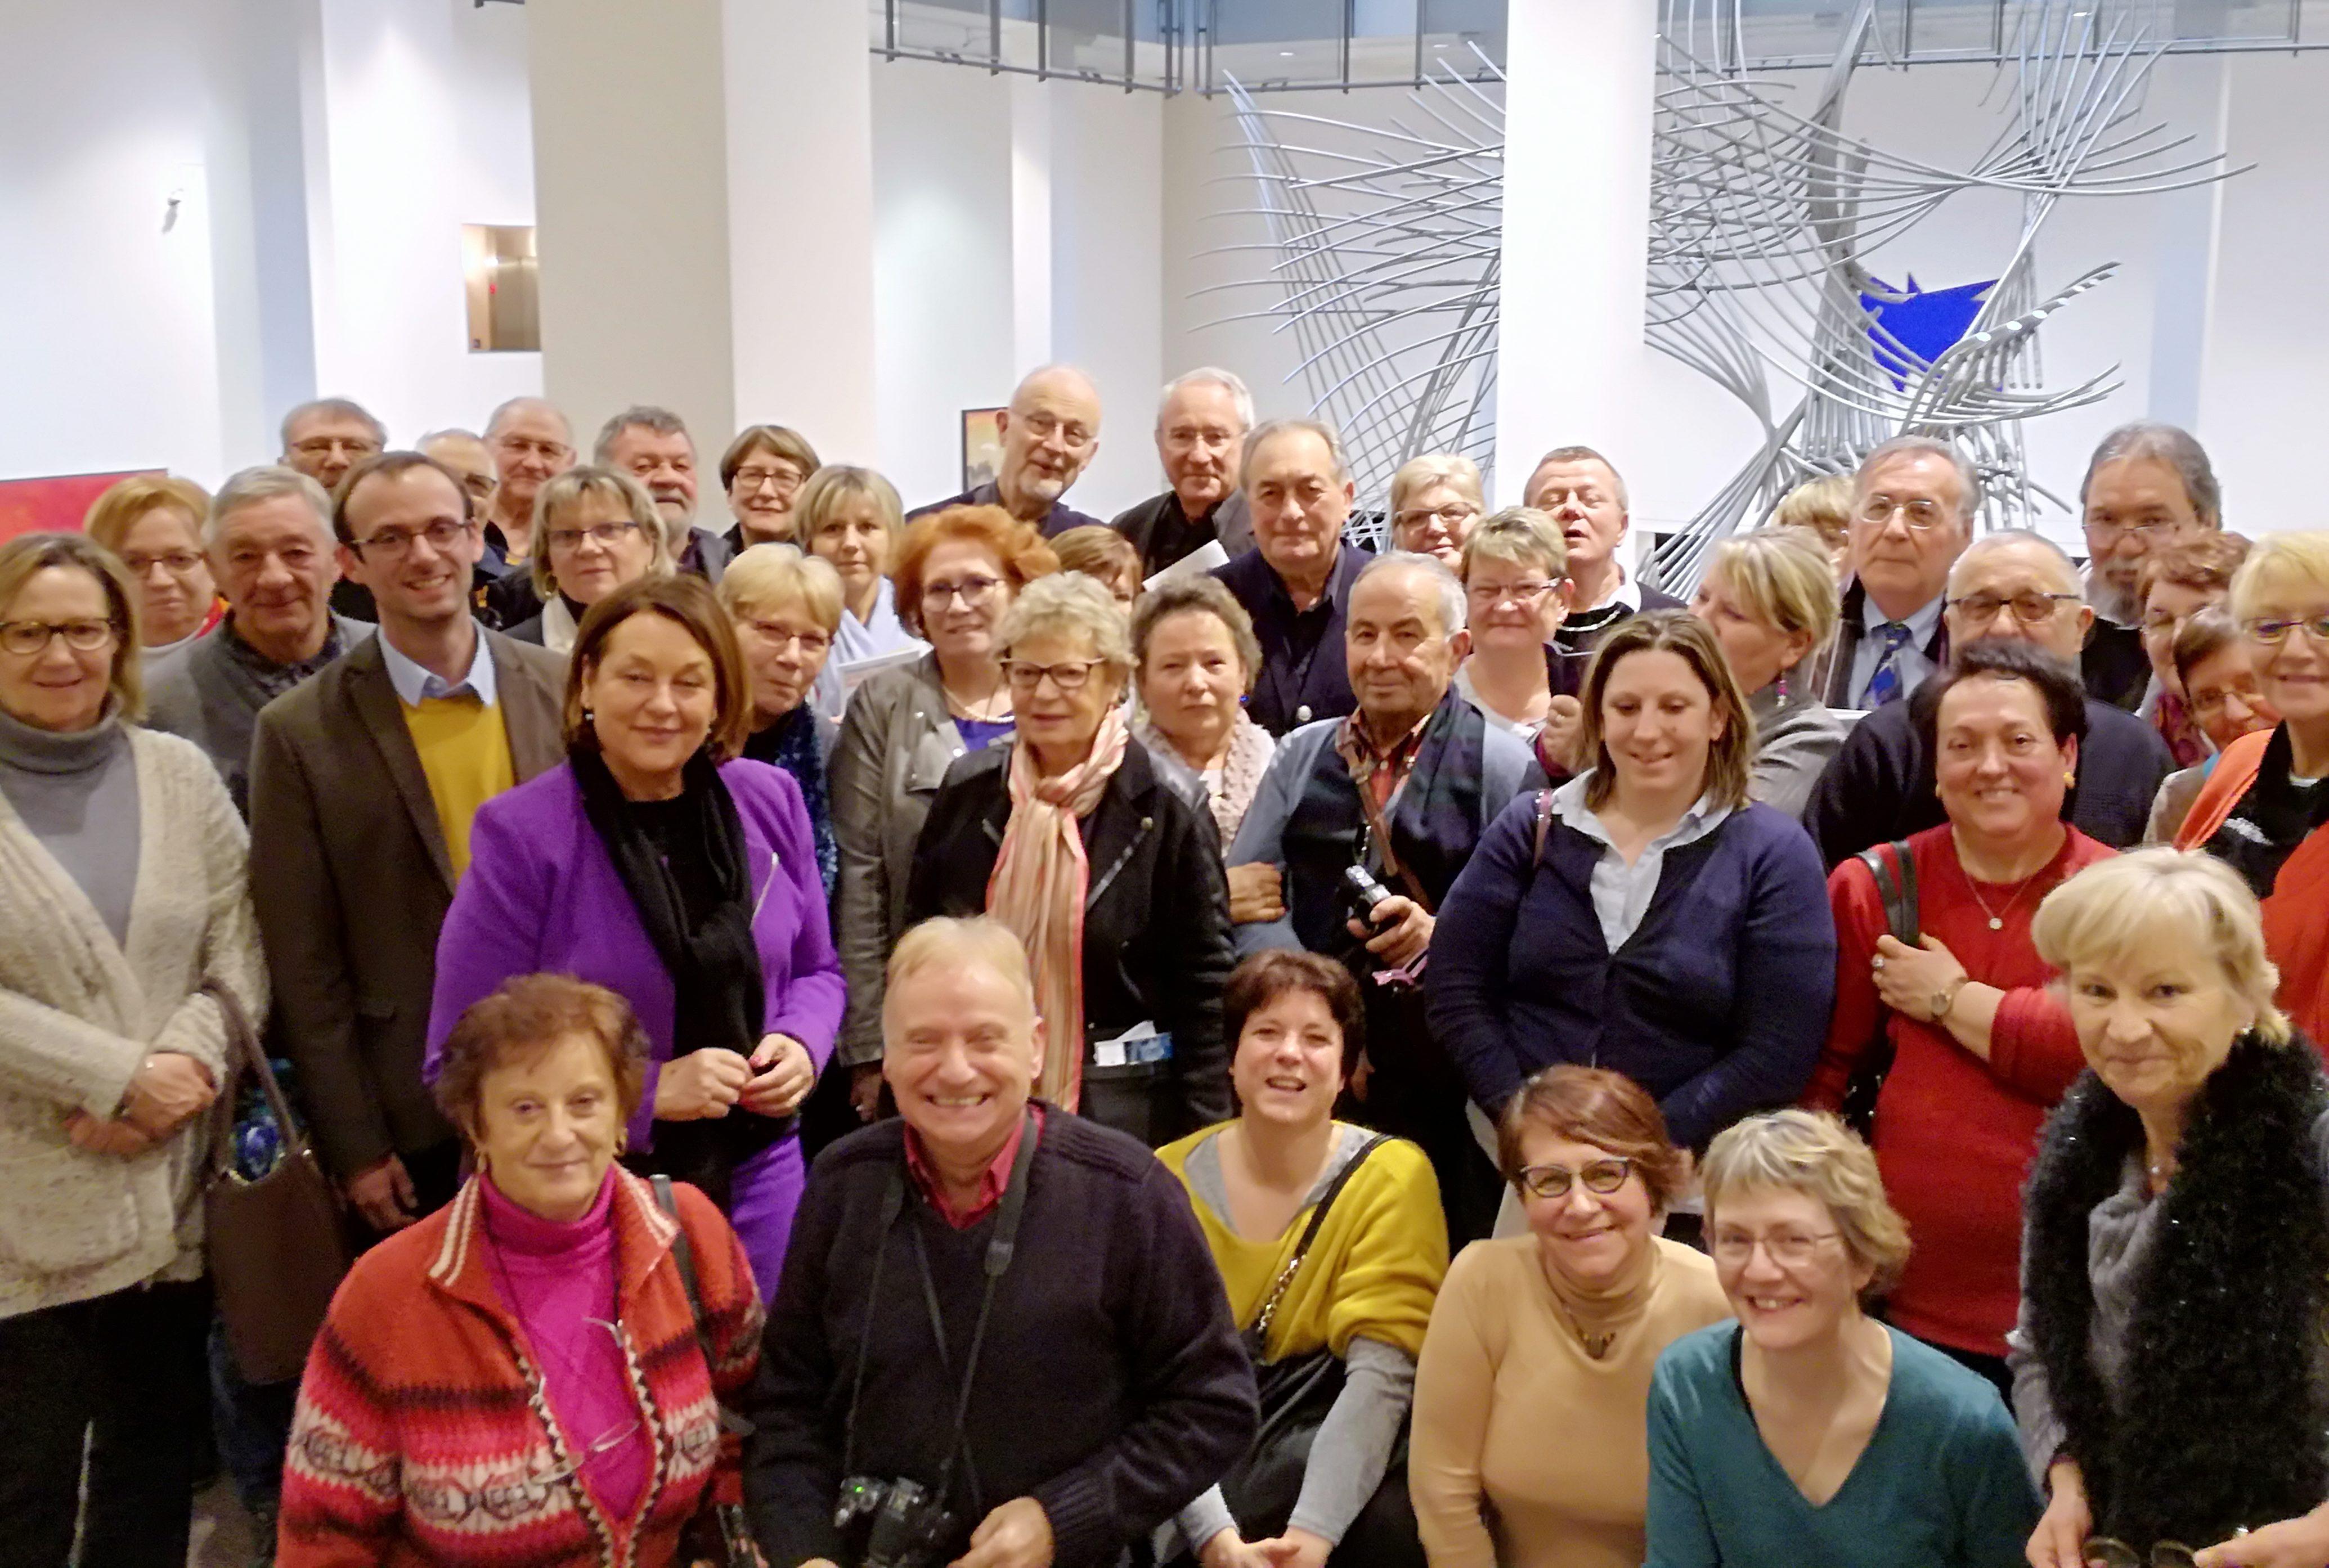 Le Voyage à Bruxelles du Mouvement Européen - Aube pour visiter le Parlement européen